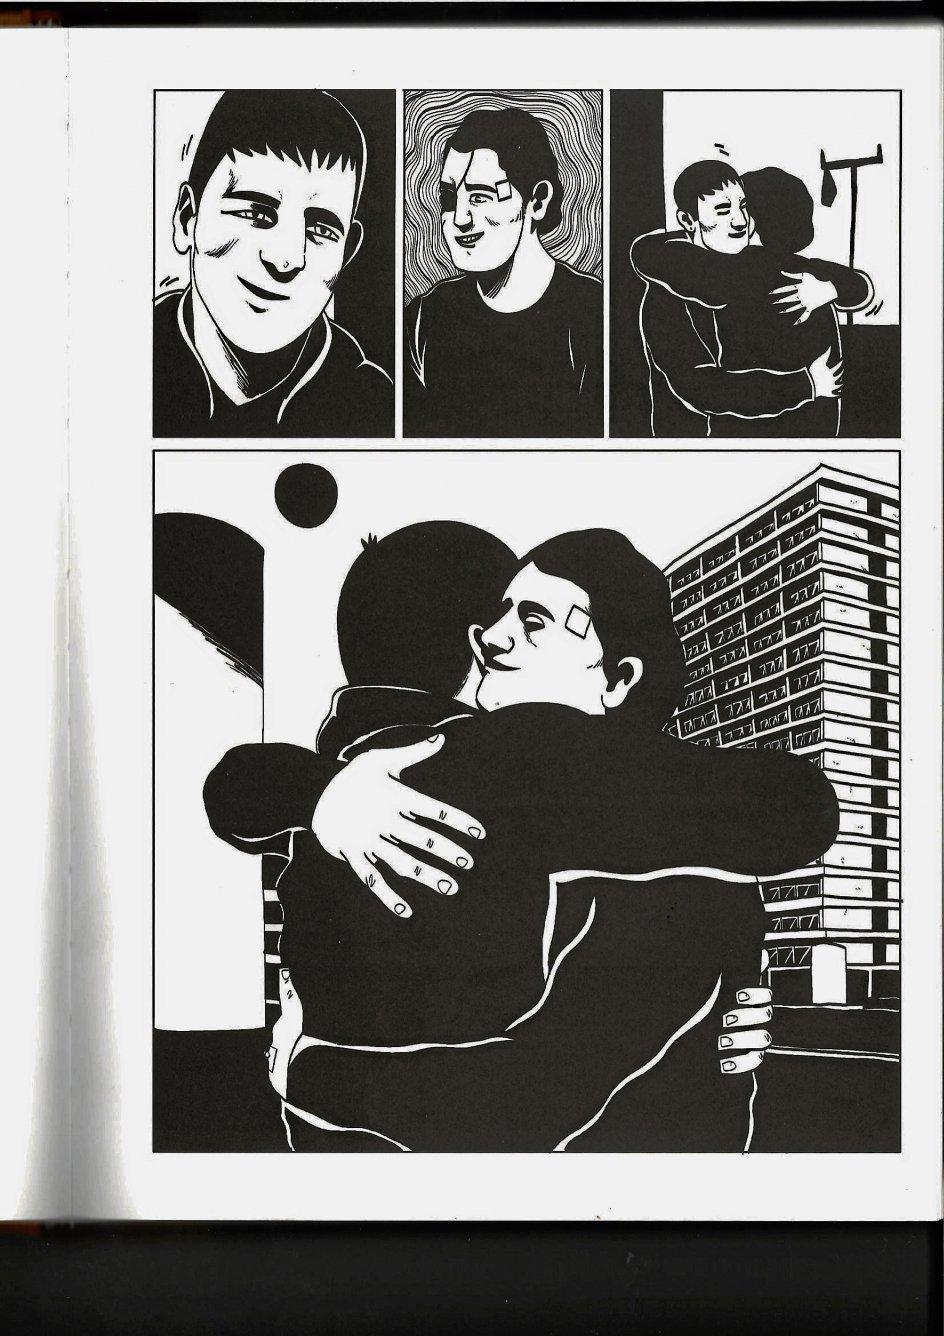 """I tegneserien """"Døden"""" skal de to venner Rafil og Yusuf acceptere, at den ene er dødssyg. Det er nemmere for den syge end for den raske. – Illustration: Fra """"Døden"""" af Halfdan Pisket"""